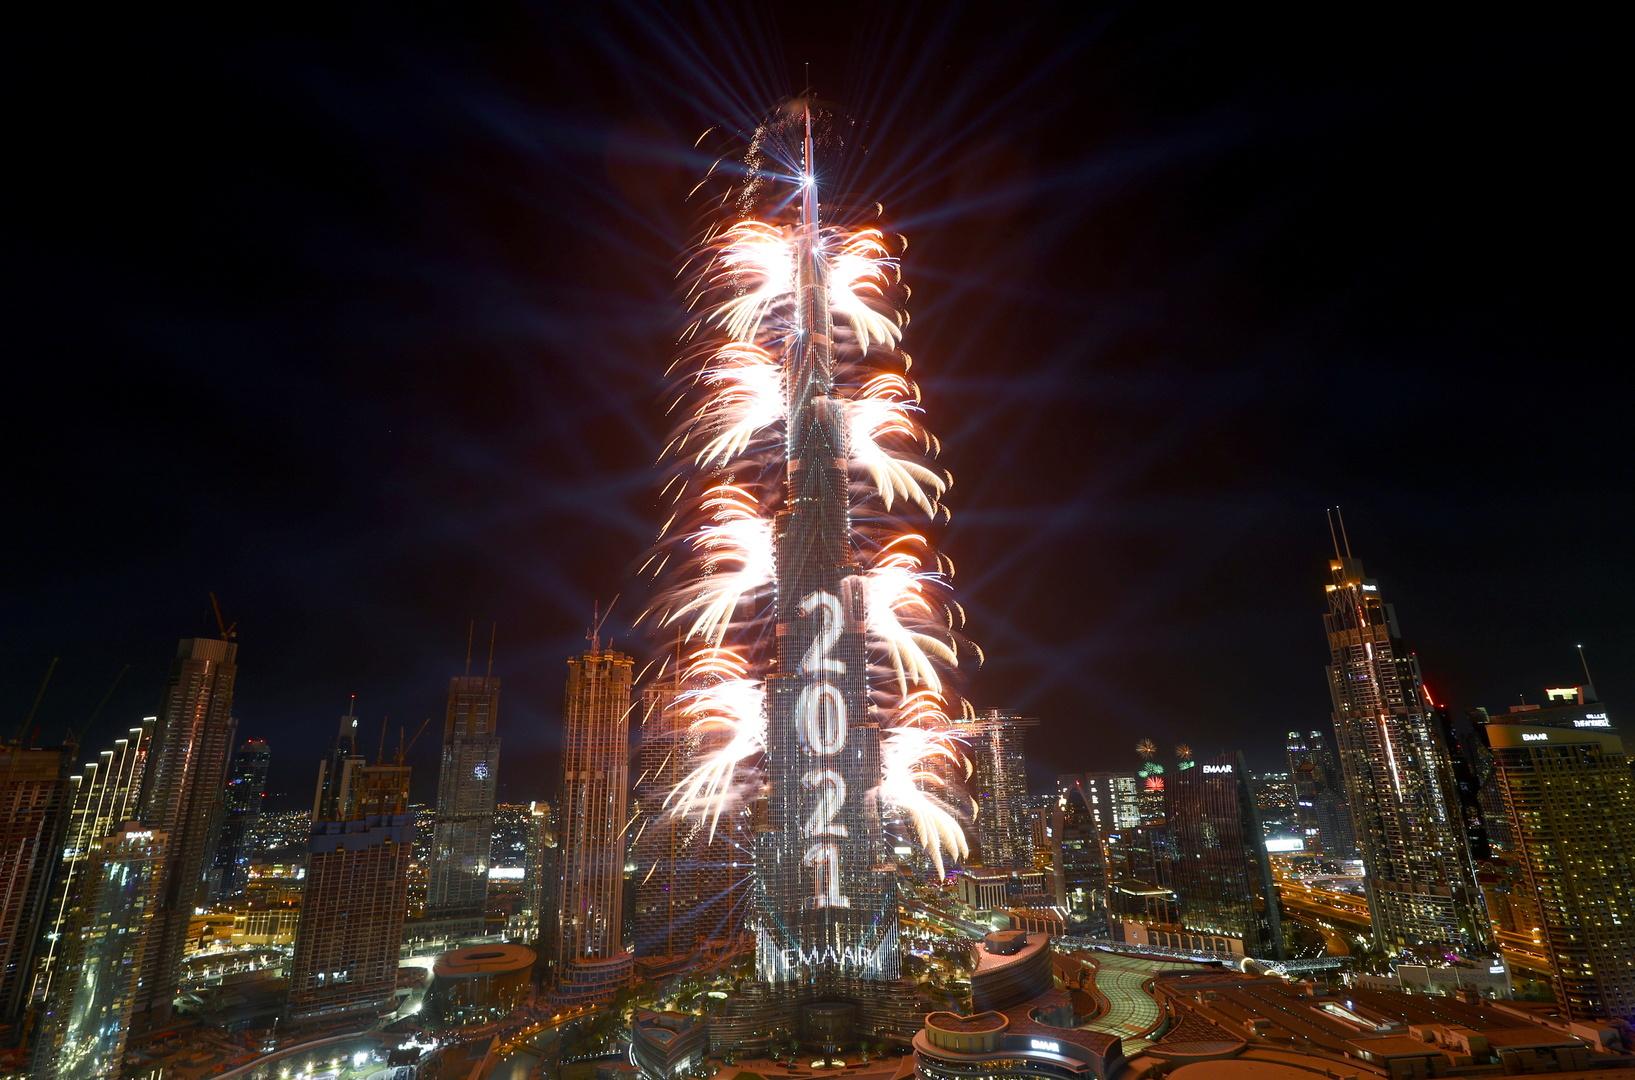 استقبلت دبي العام الجديد بالألعاب النارية في برج خليفة